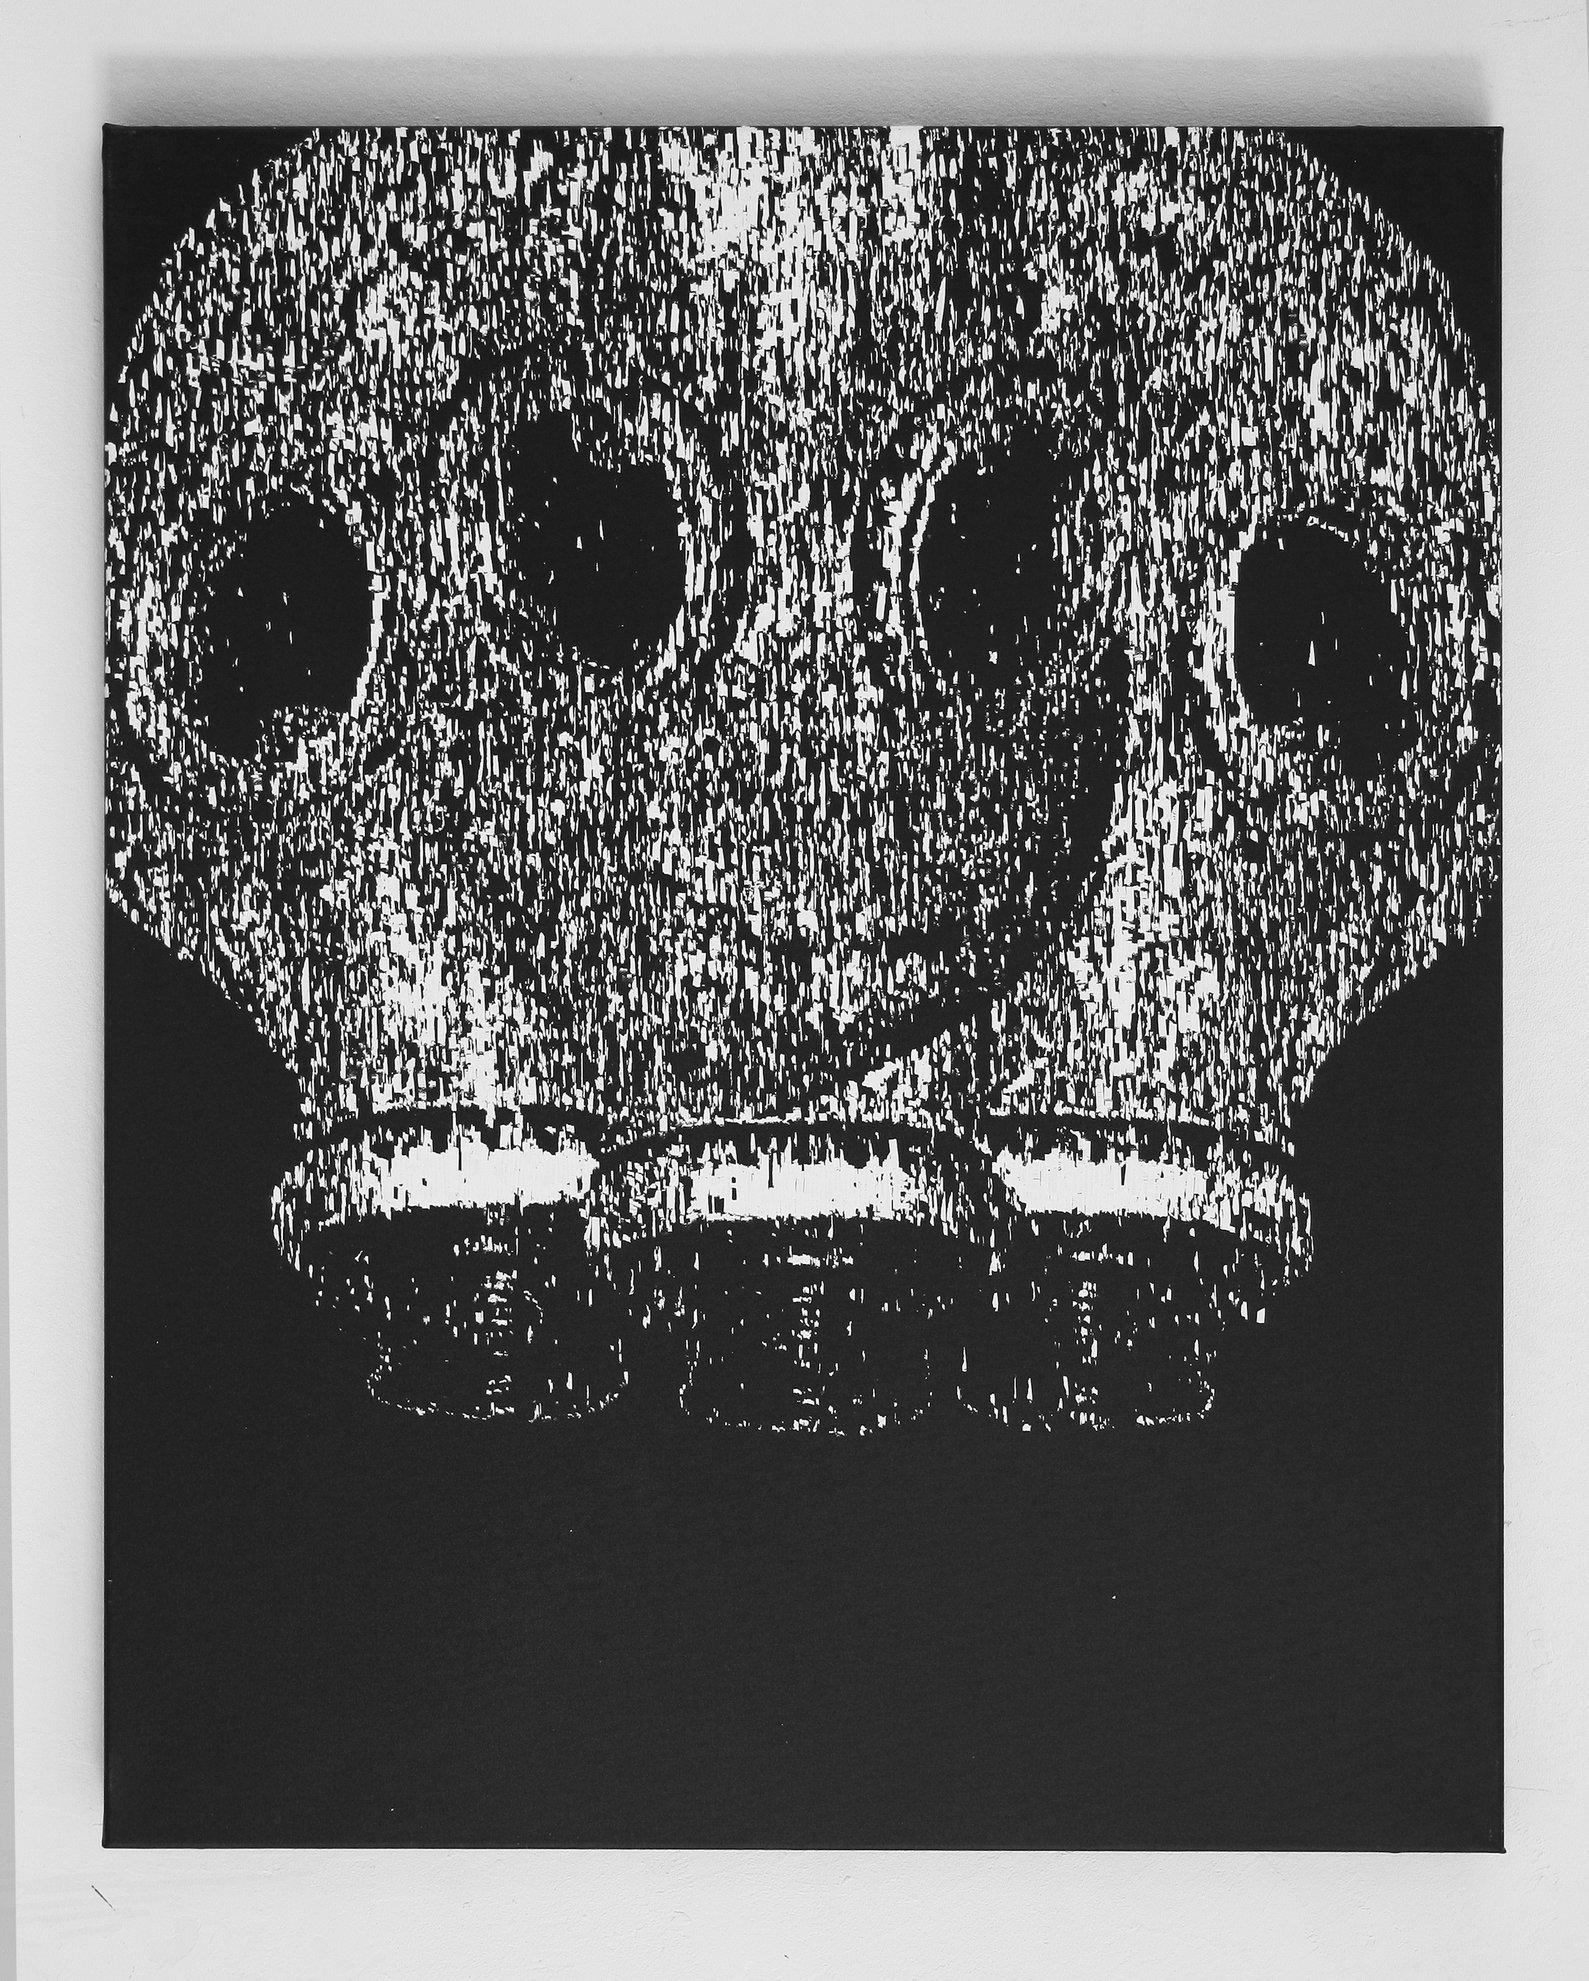 Gruppe 2010 100x80.jpg Kopie.tif